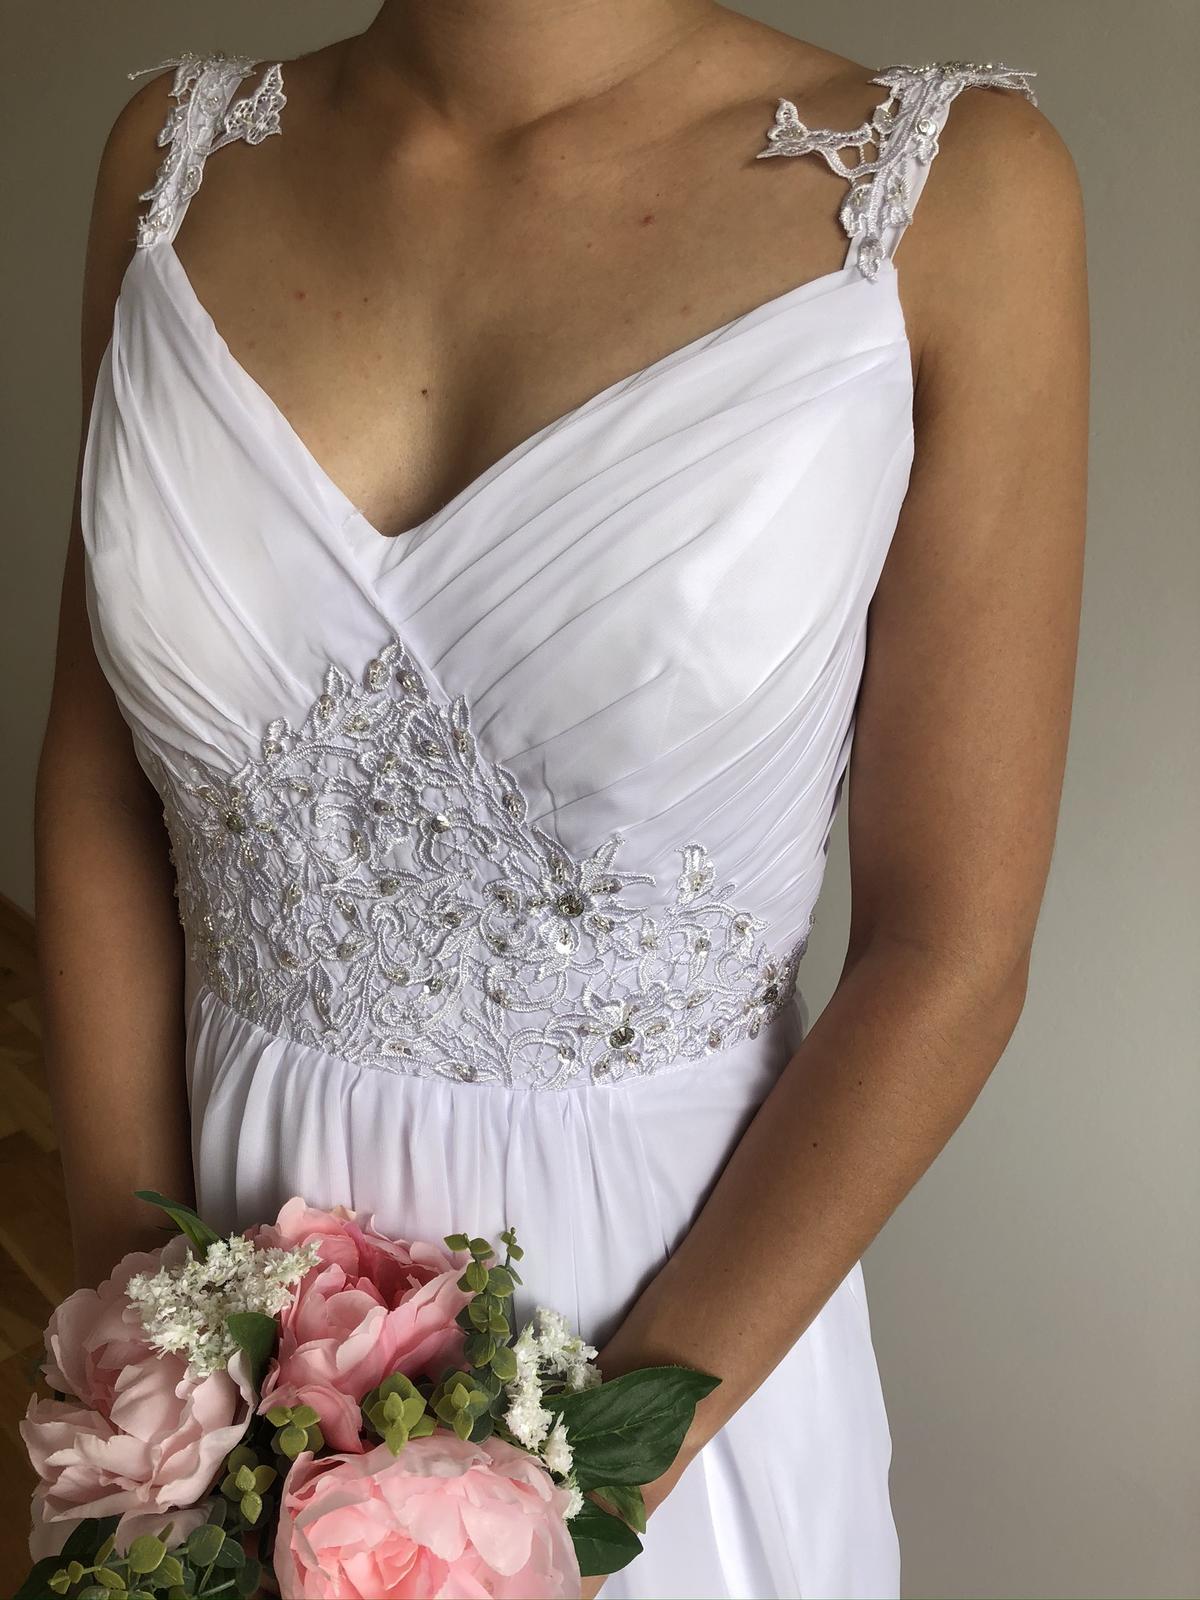 Splývavé svatební šaty, vel 40-42 - Obrázek č. 1